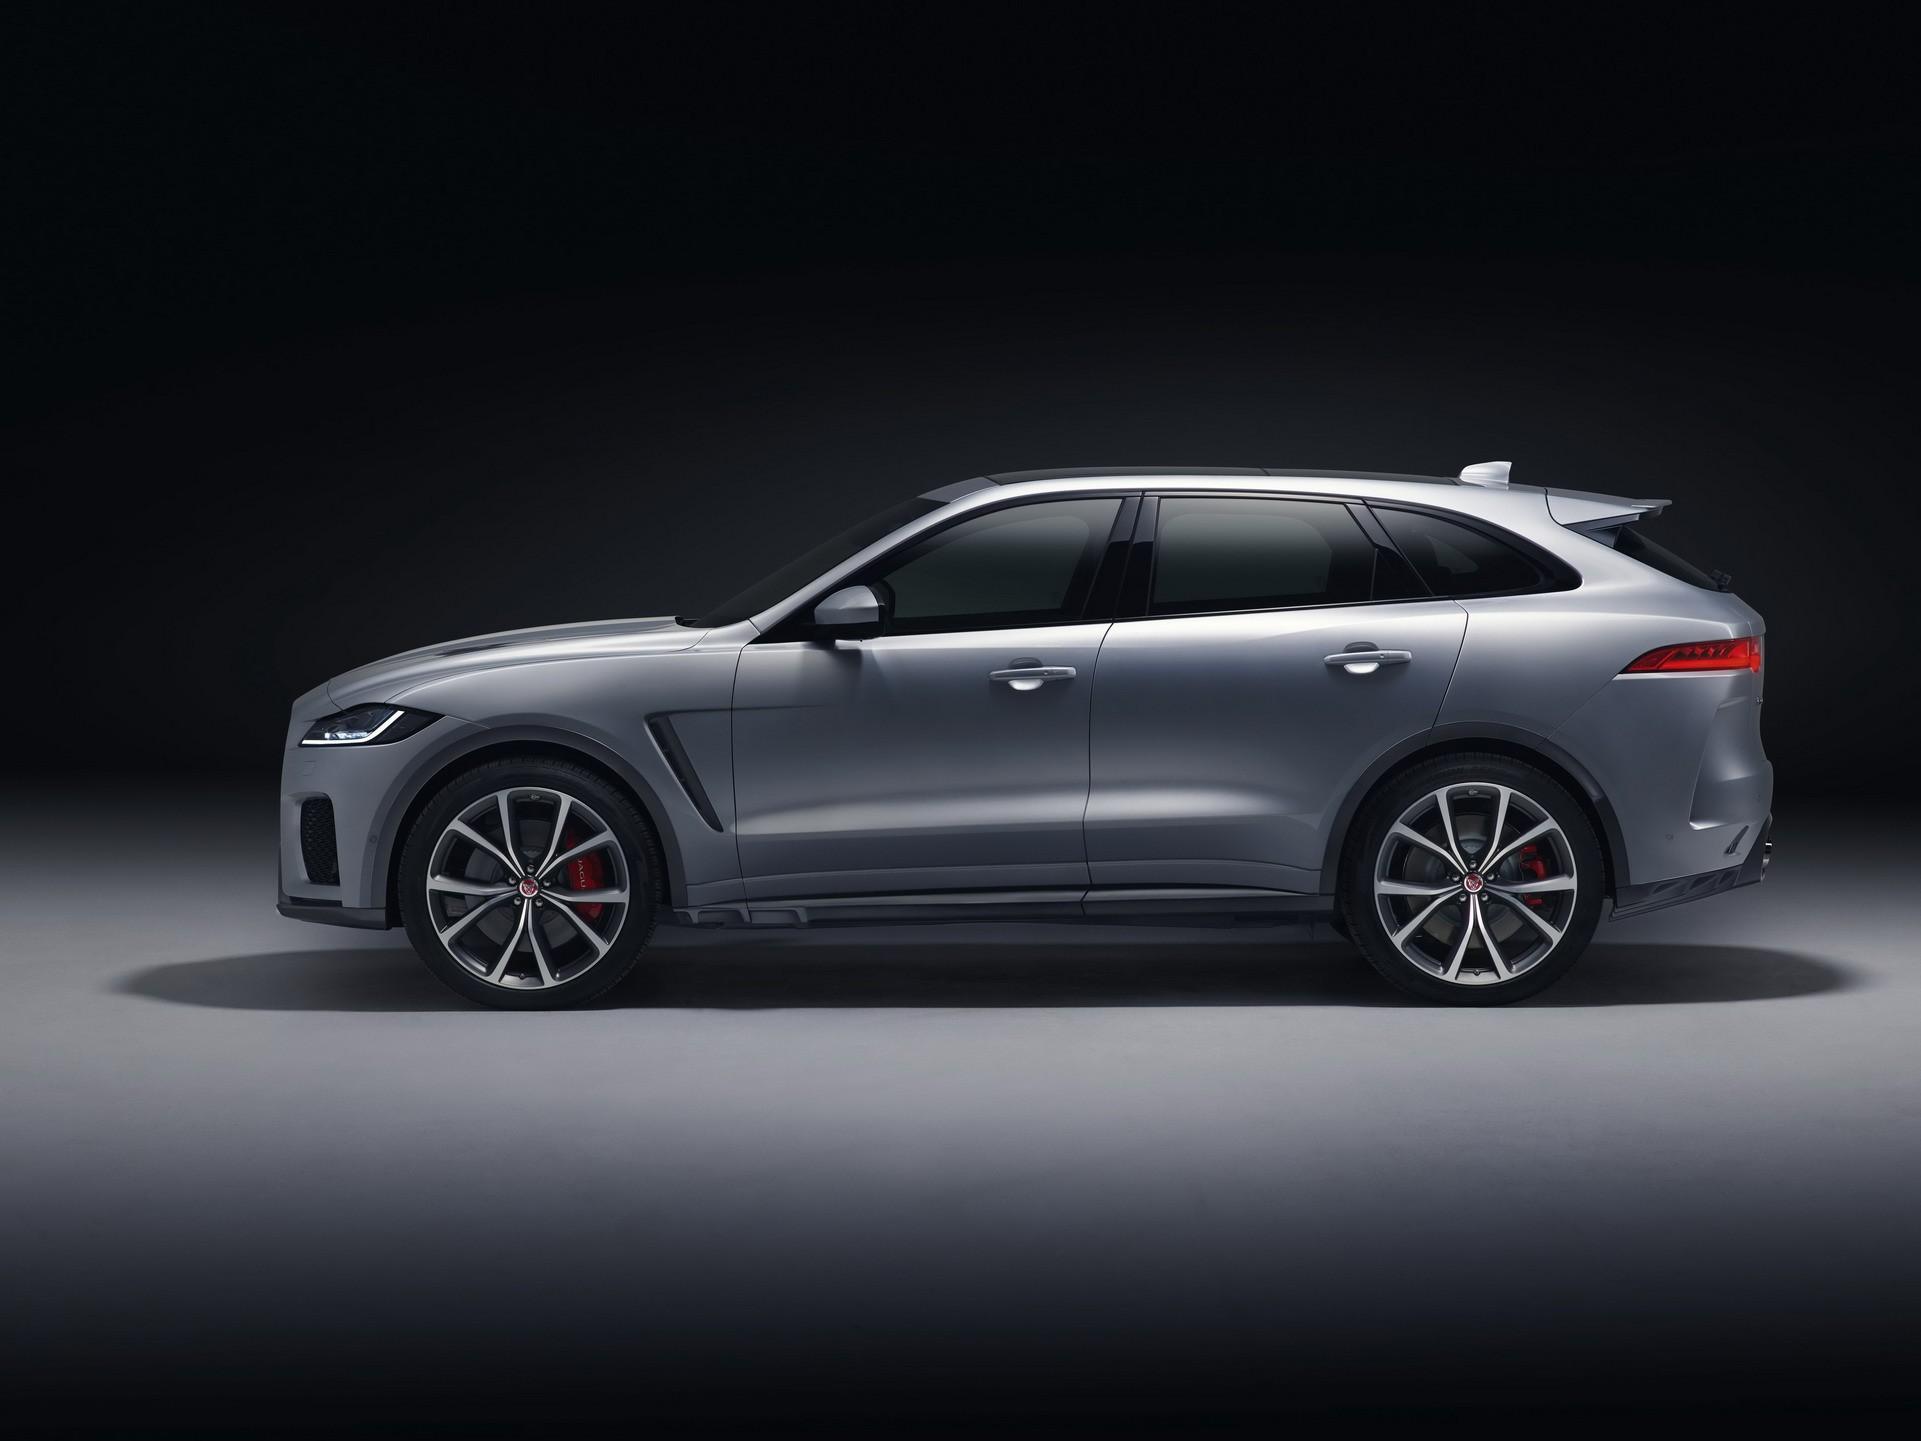 瞄準大型SUV,Jaguar J-Pace預計2021年報到! - CarStuff 人車事